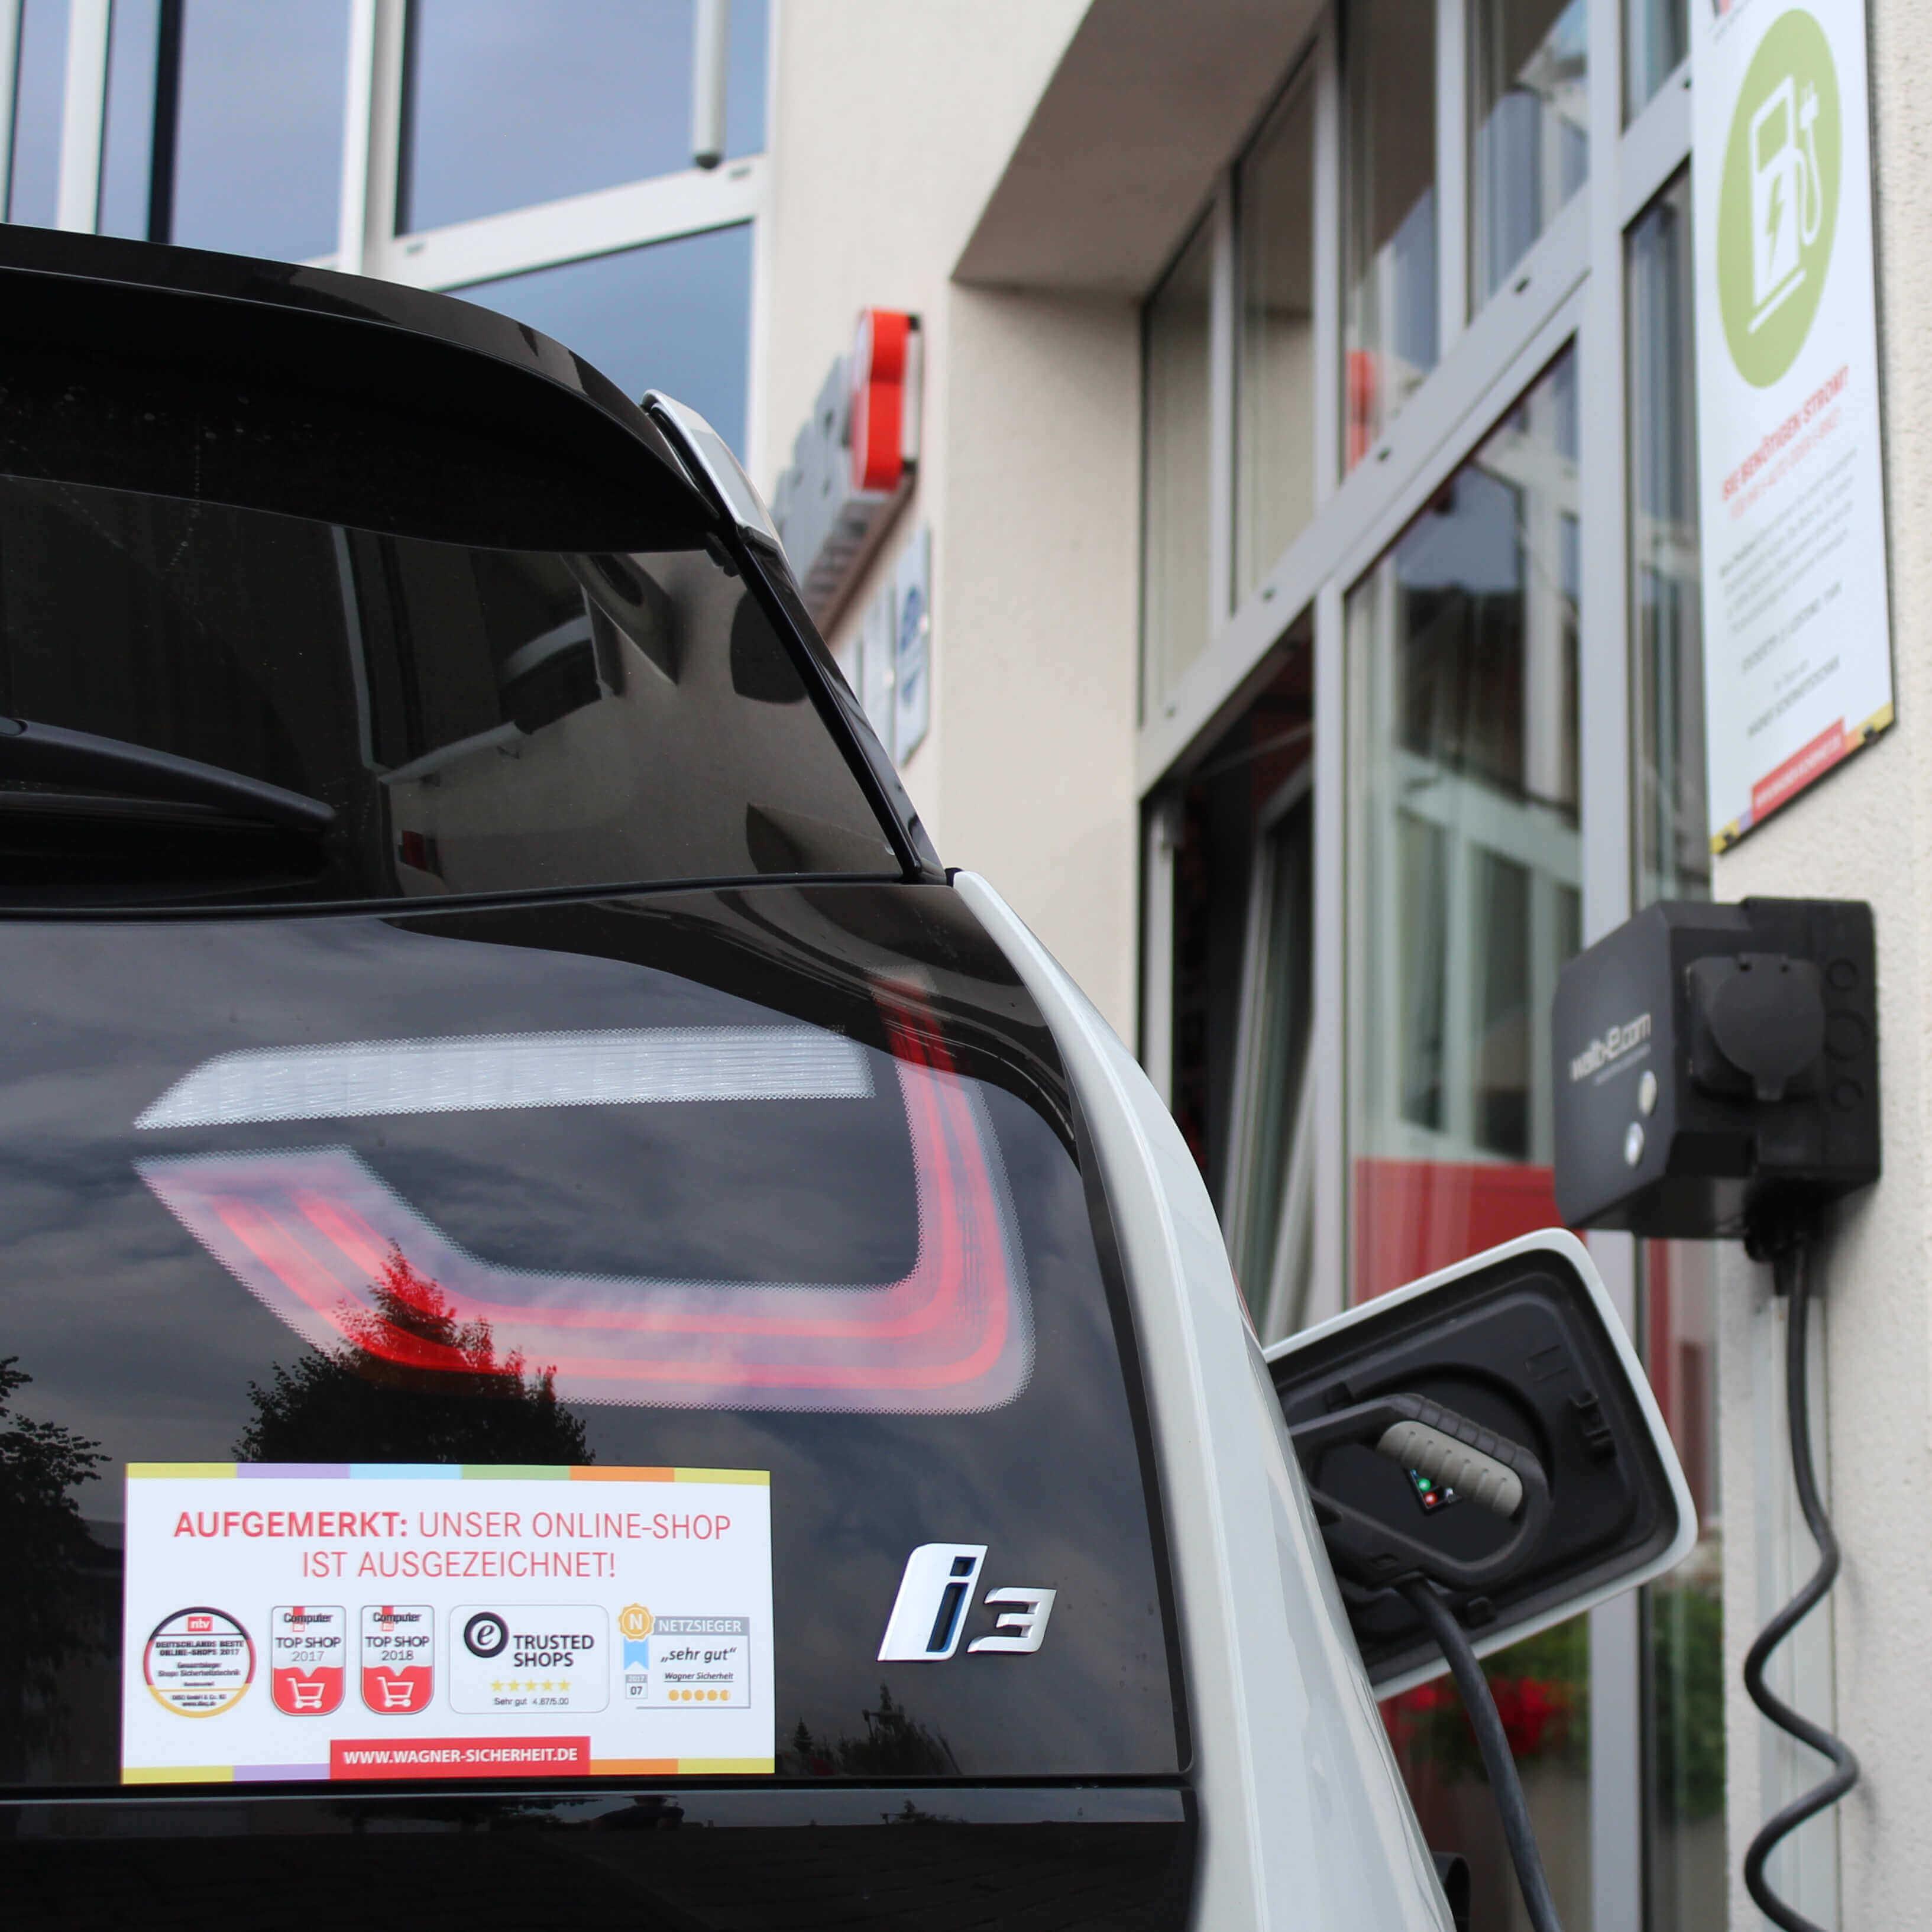 BMW i3, Elektro Auto, E-Auto, Aufladen, i3, elektrisches fahren